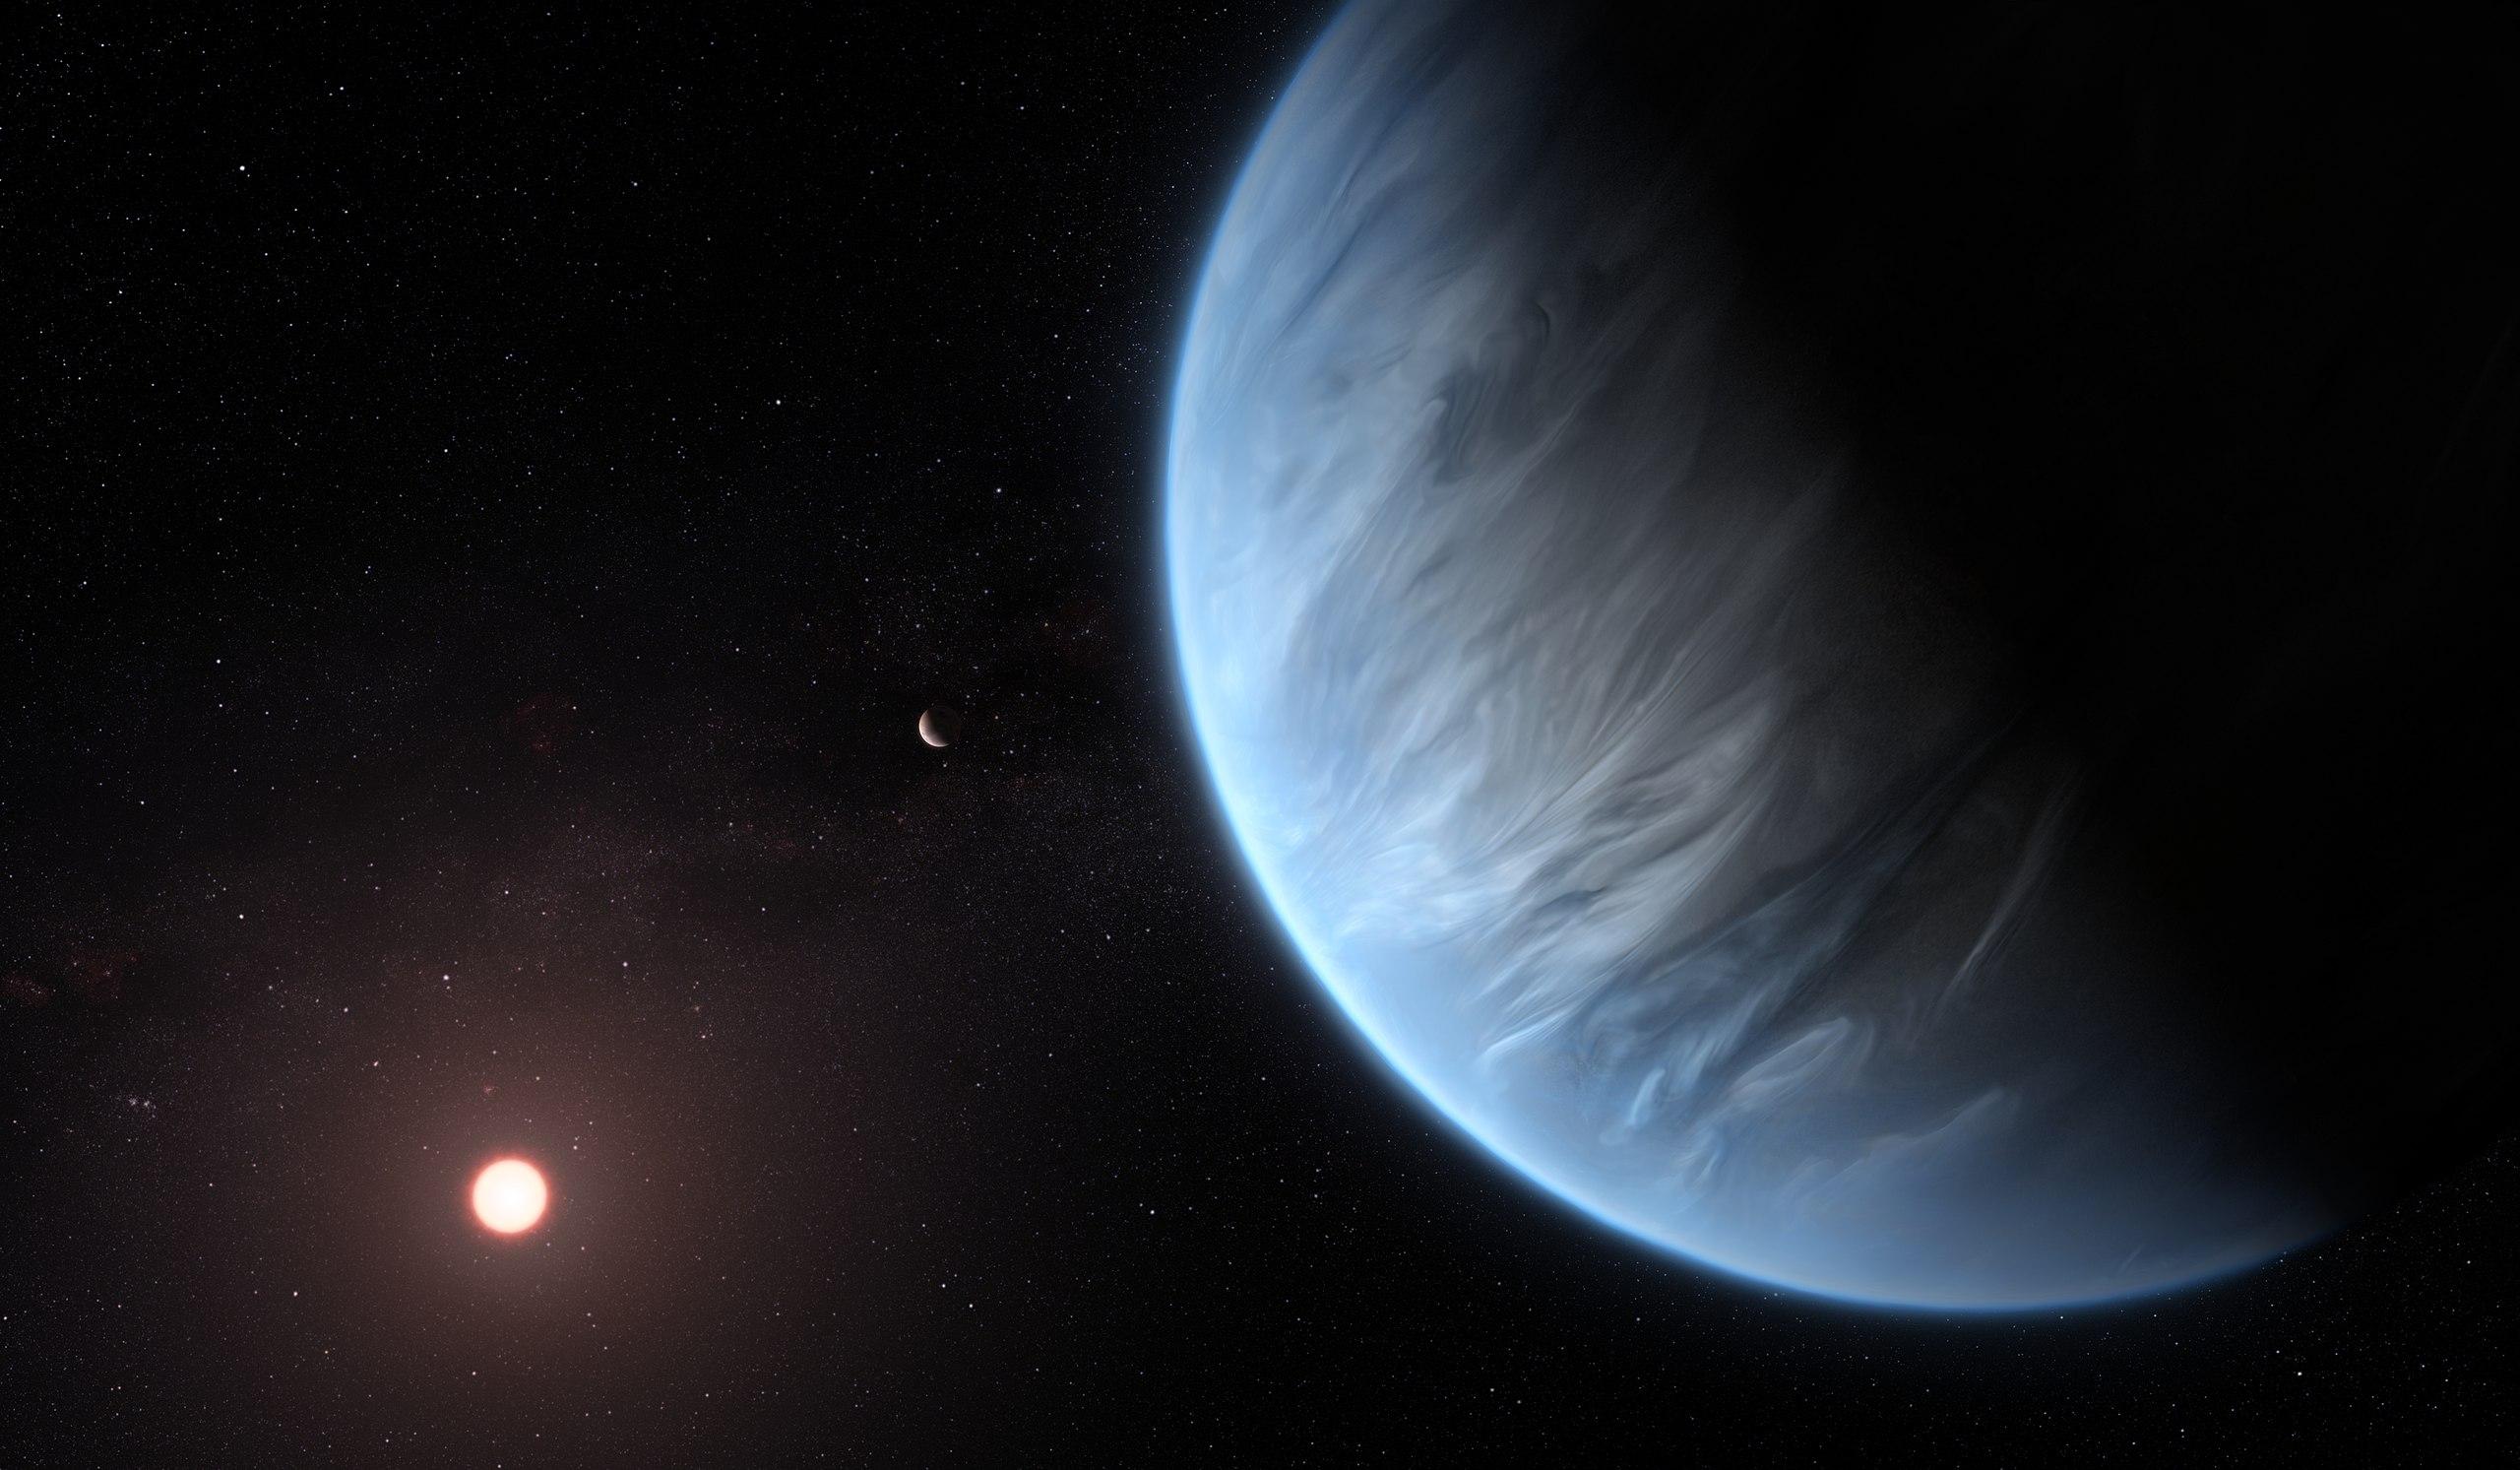 Illustrazione artistica dell'esopianeta K2-18b, la sua stella ospite e un altro pianeta del sistema. E' l'unica super-Terra finora conosciuta ad avere sia l'acqua che una temperatura adeguata a sostenere la vita. E' tra i potenziali target del James Webb Telescope. Credits: ESA/Hubble, M. Kornmesser